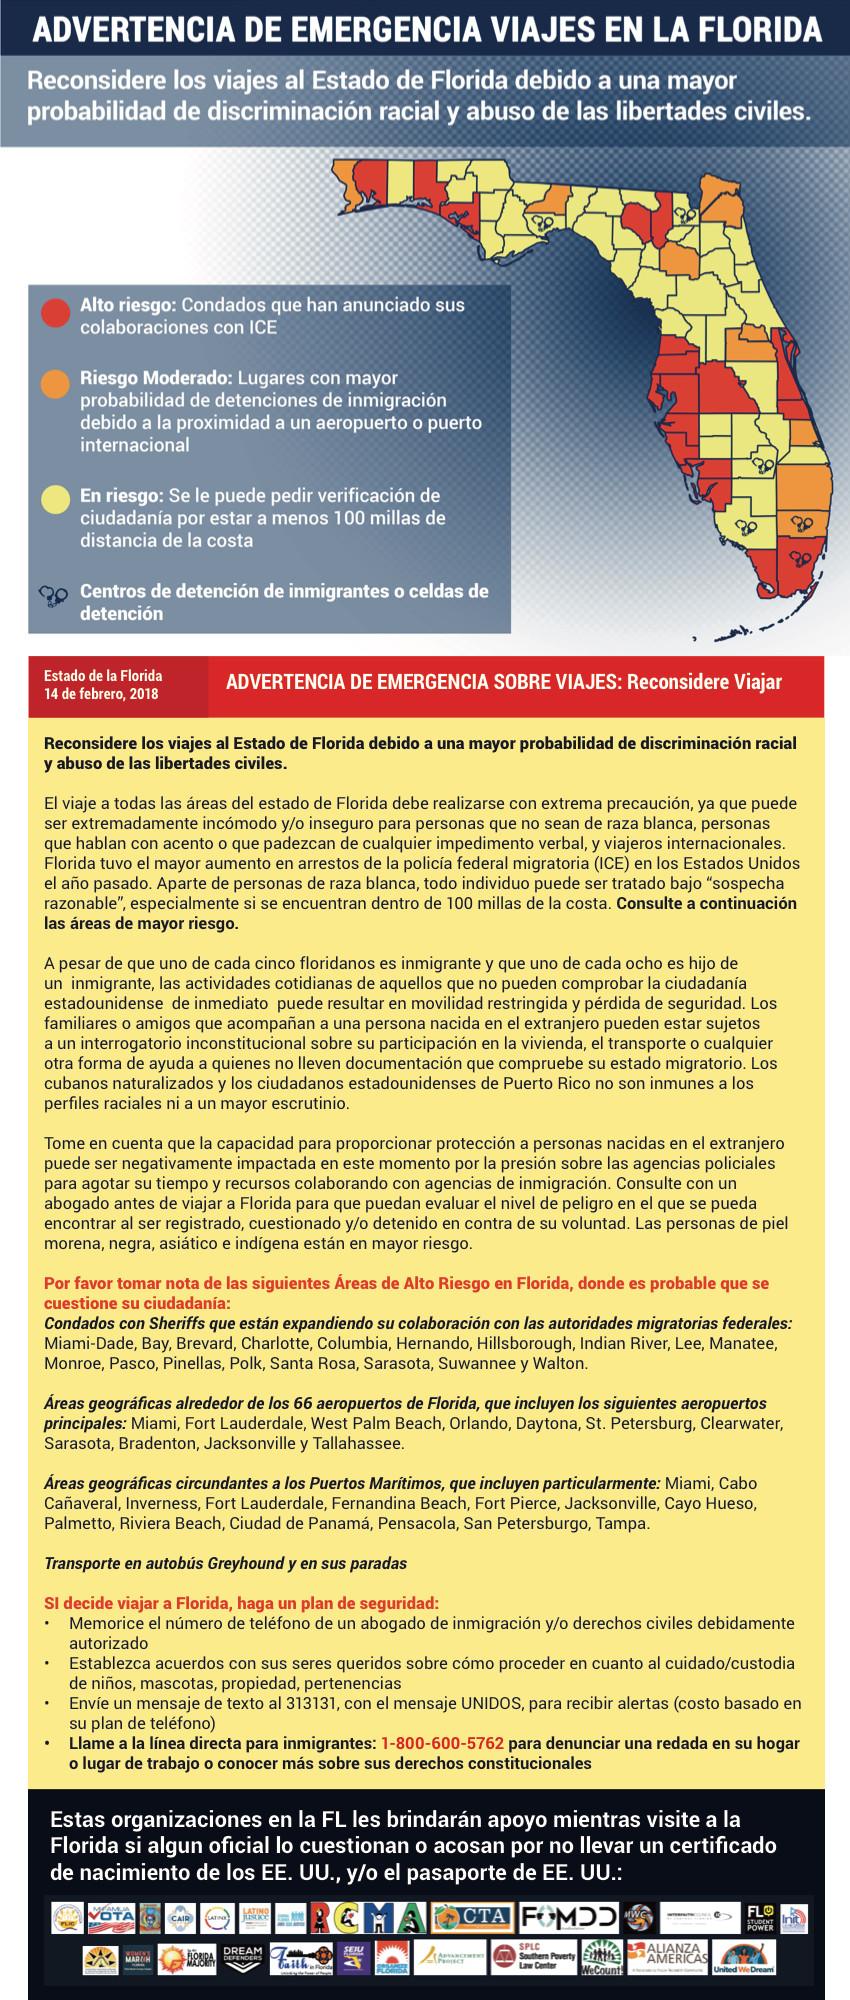 Advertencia de Emergencia Viajes en la Florida con condados de alto riesgo, riesgo moderado y en riesgo.